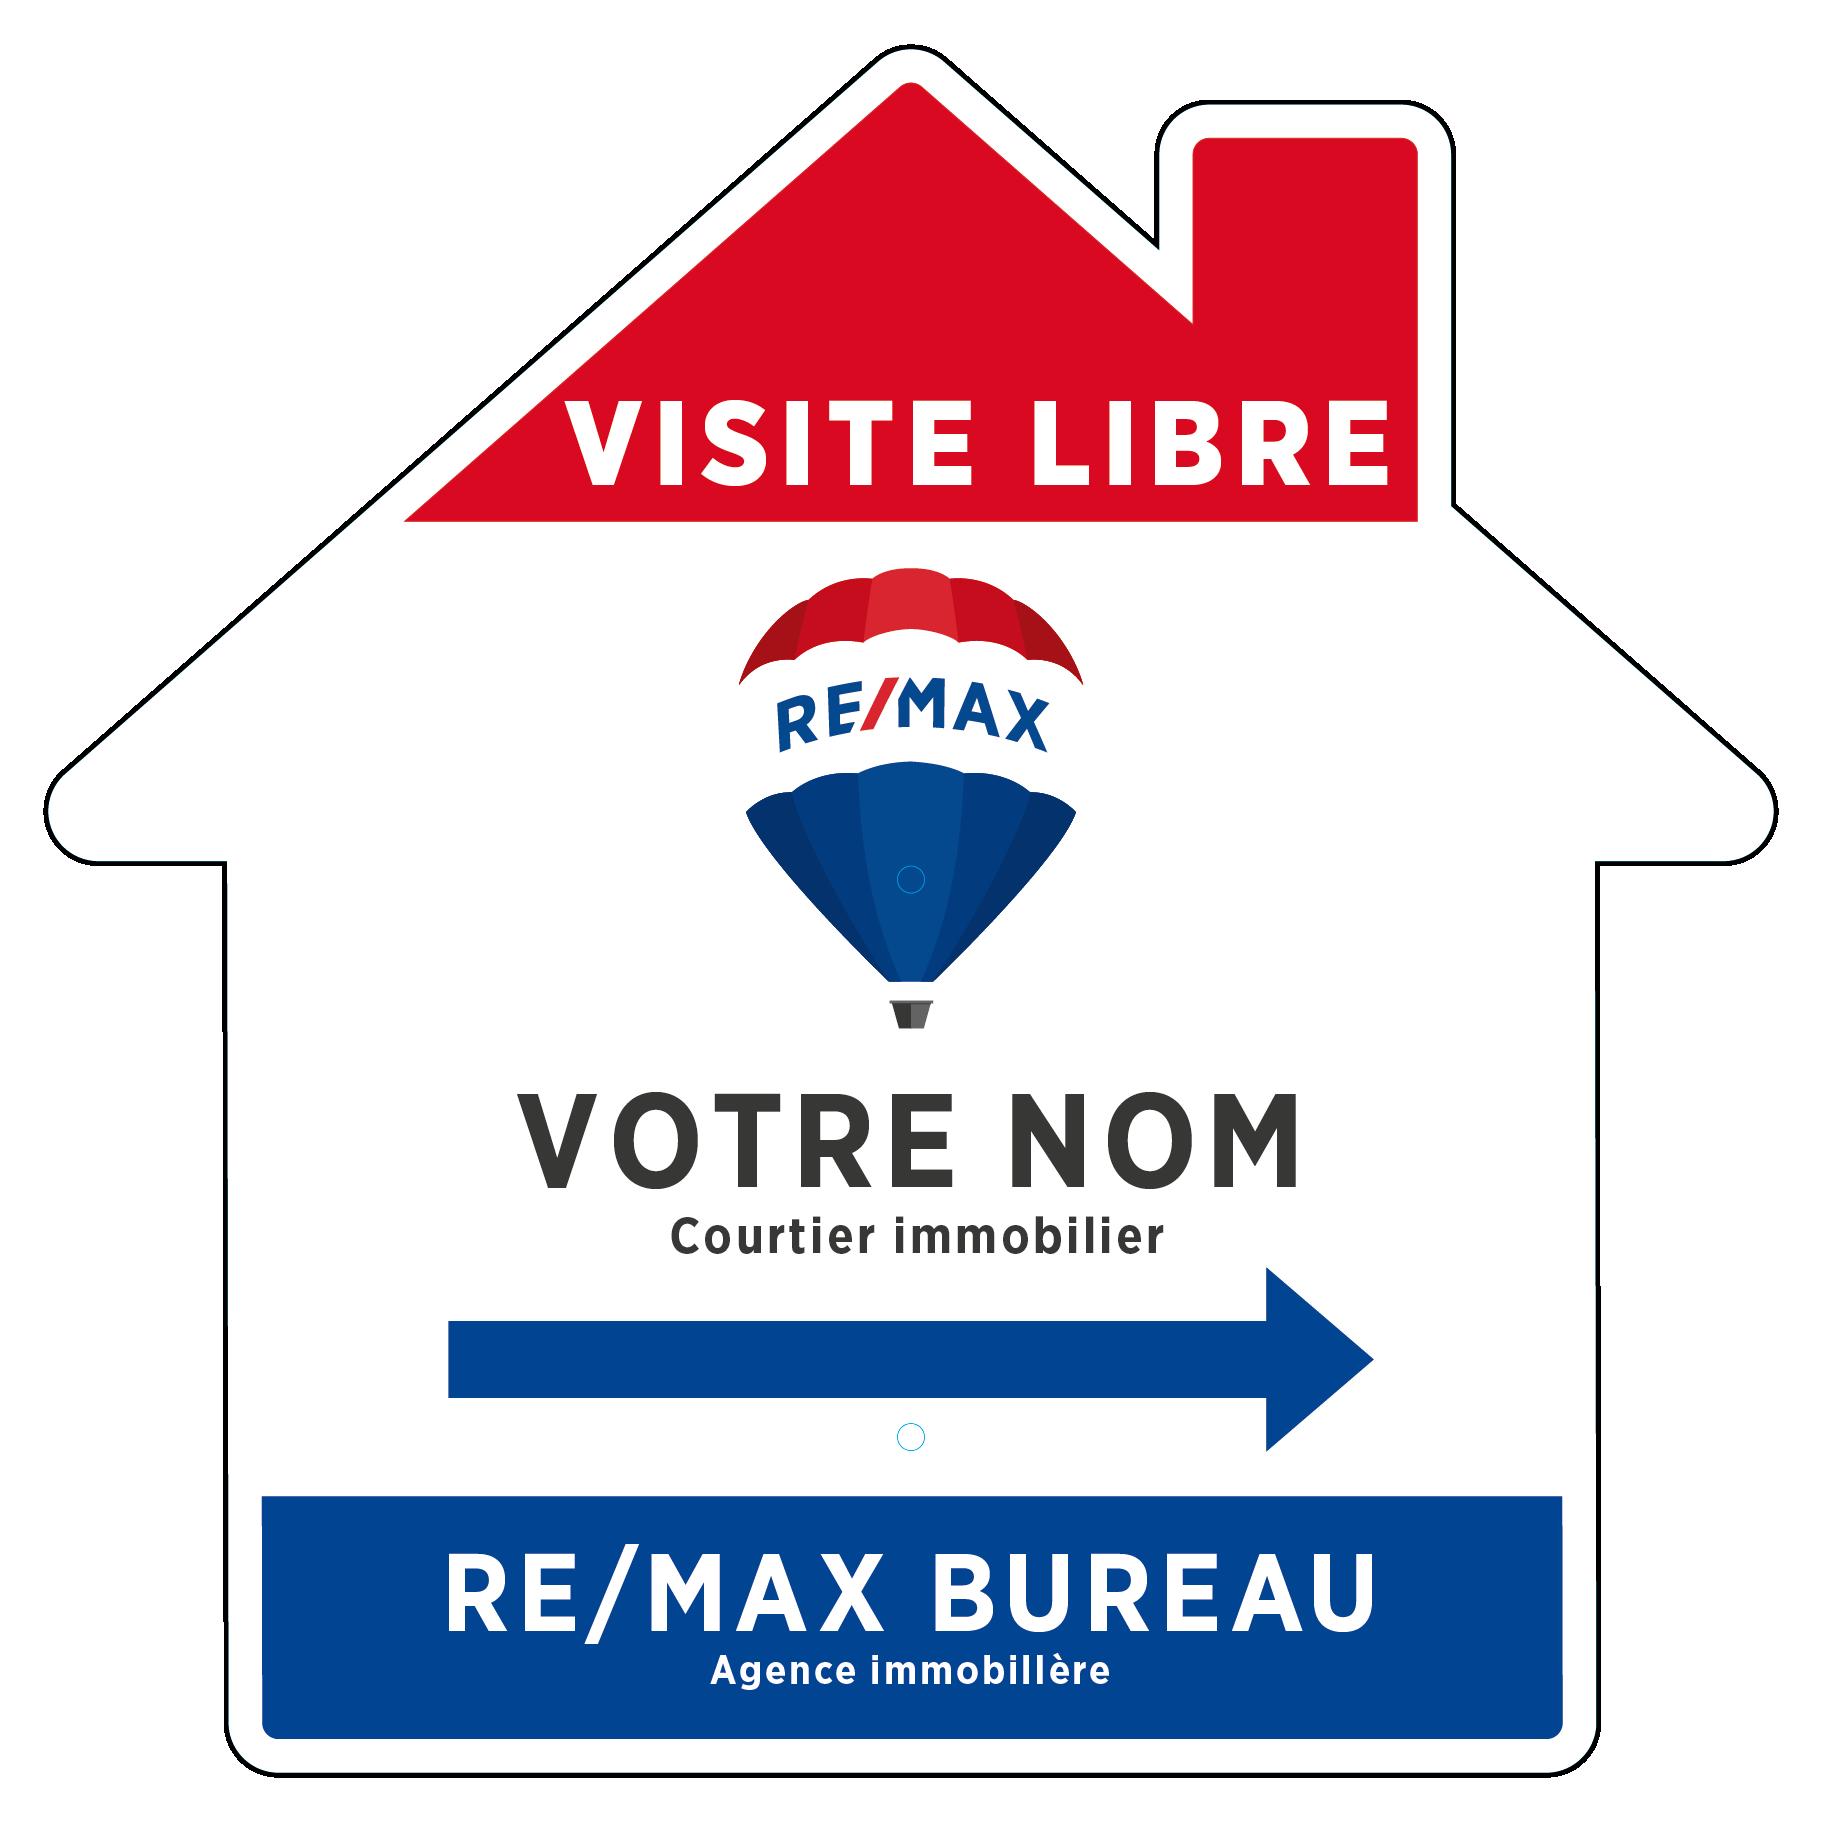 REM-1012 Enseignes directionnelles maison VISITE LIBRE